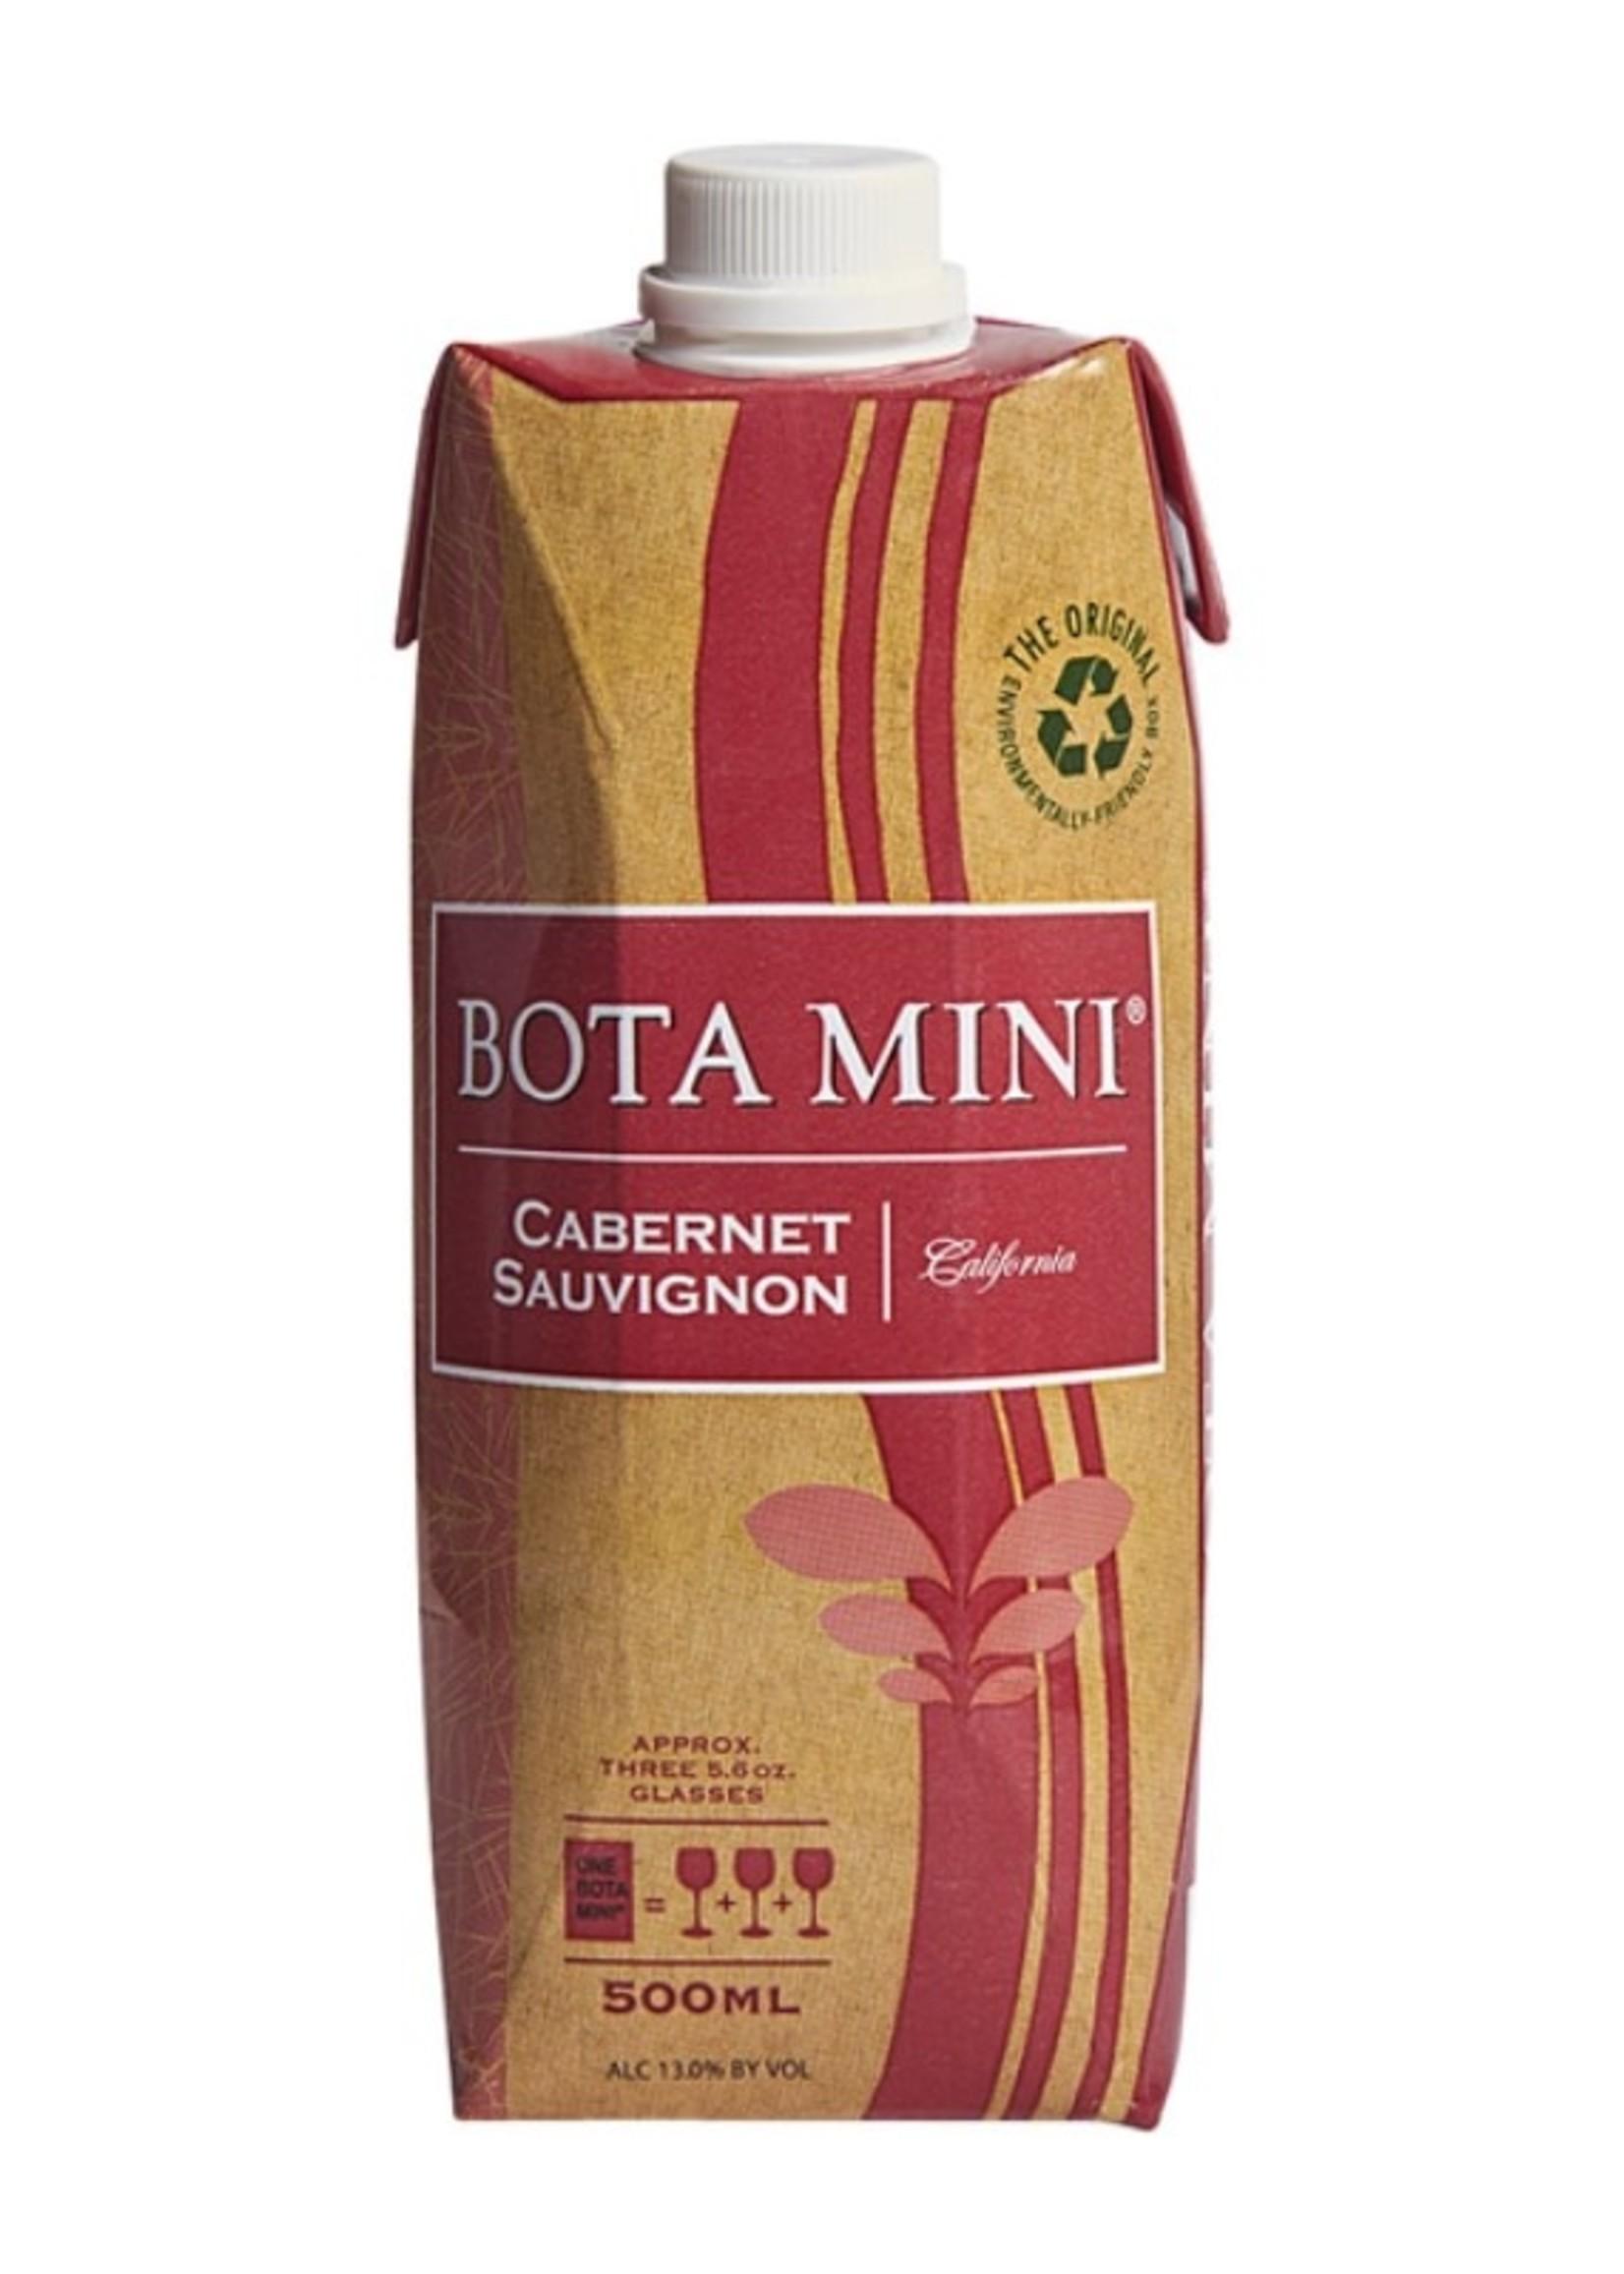 Bota Mini Cabernet Sauvignon 500ml